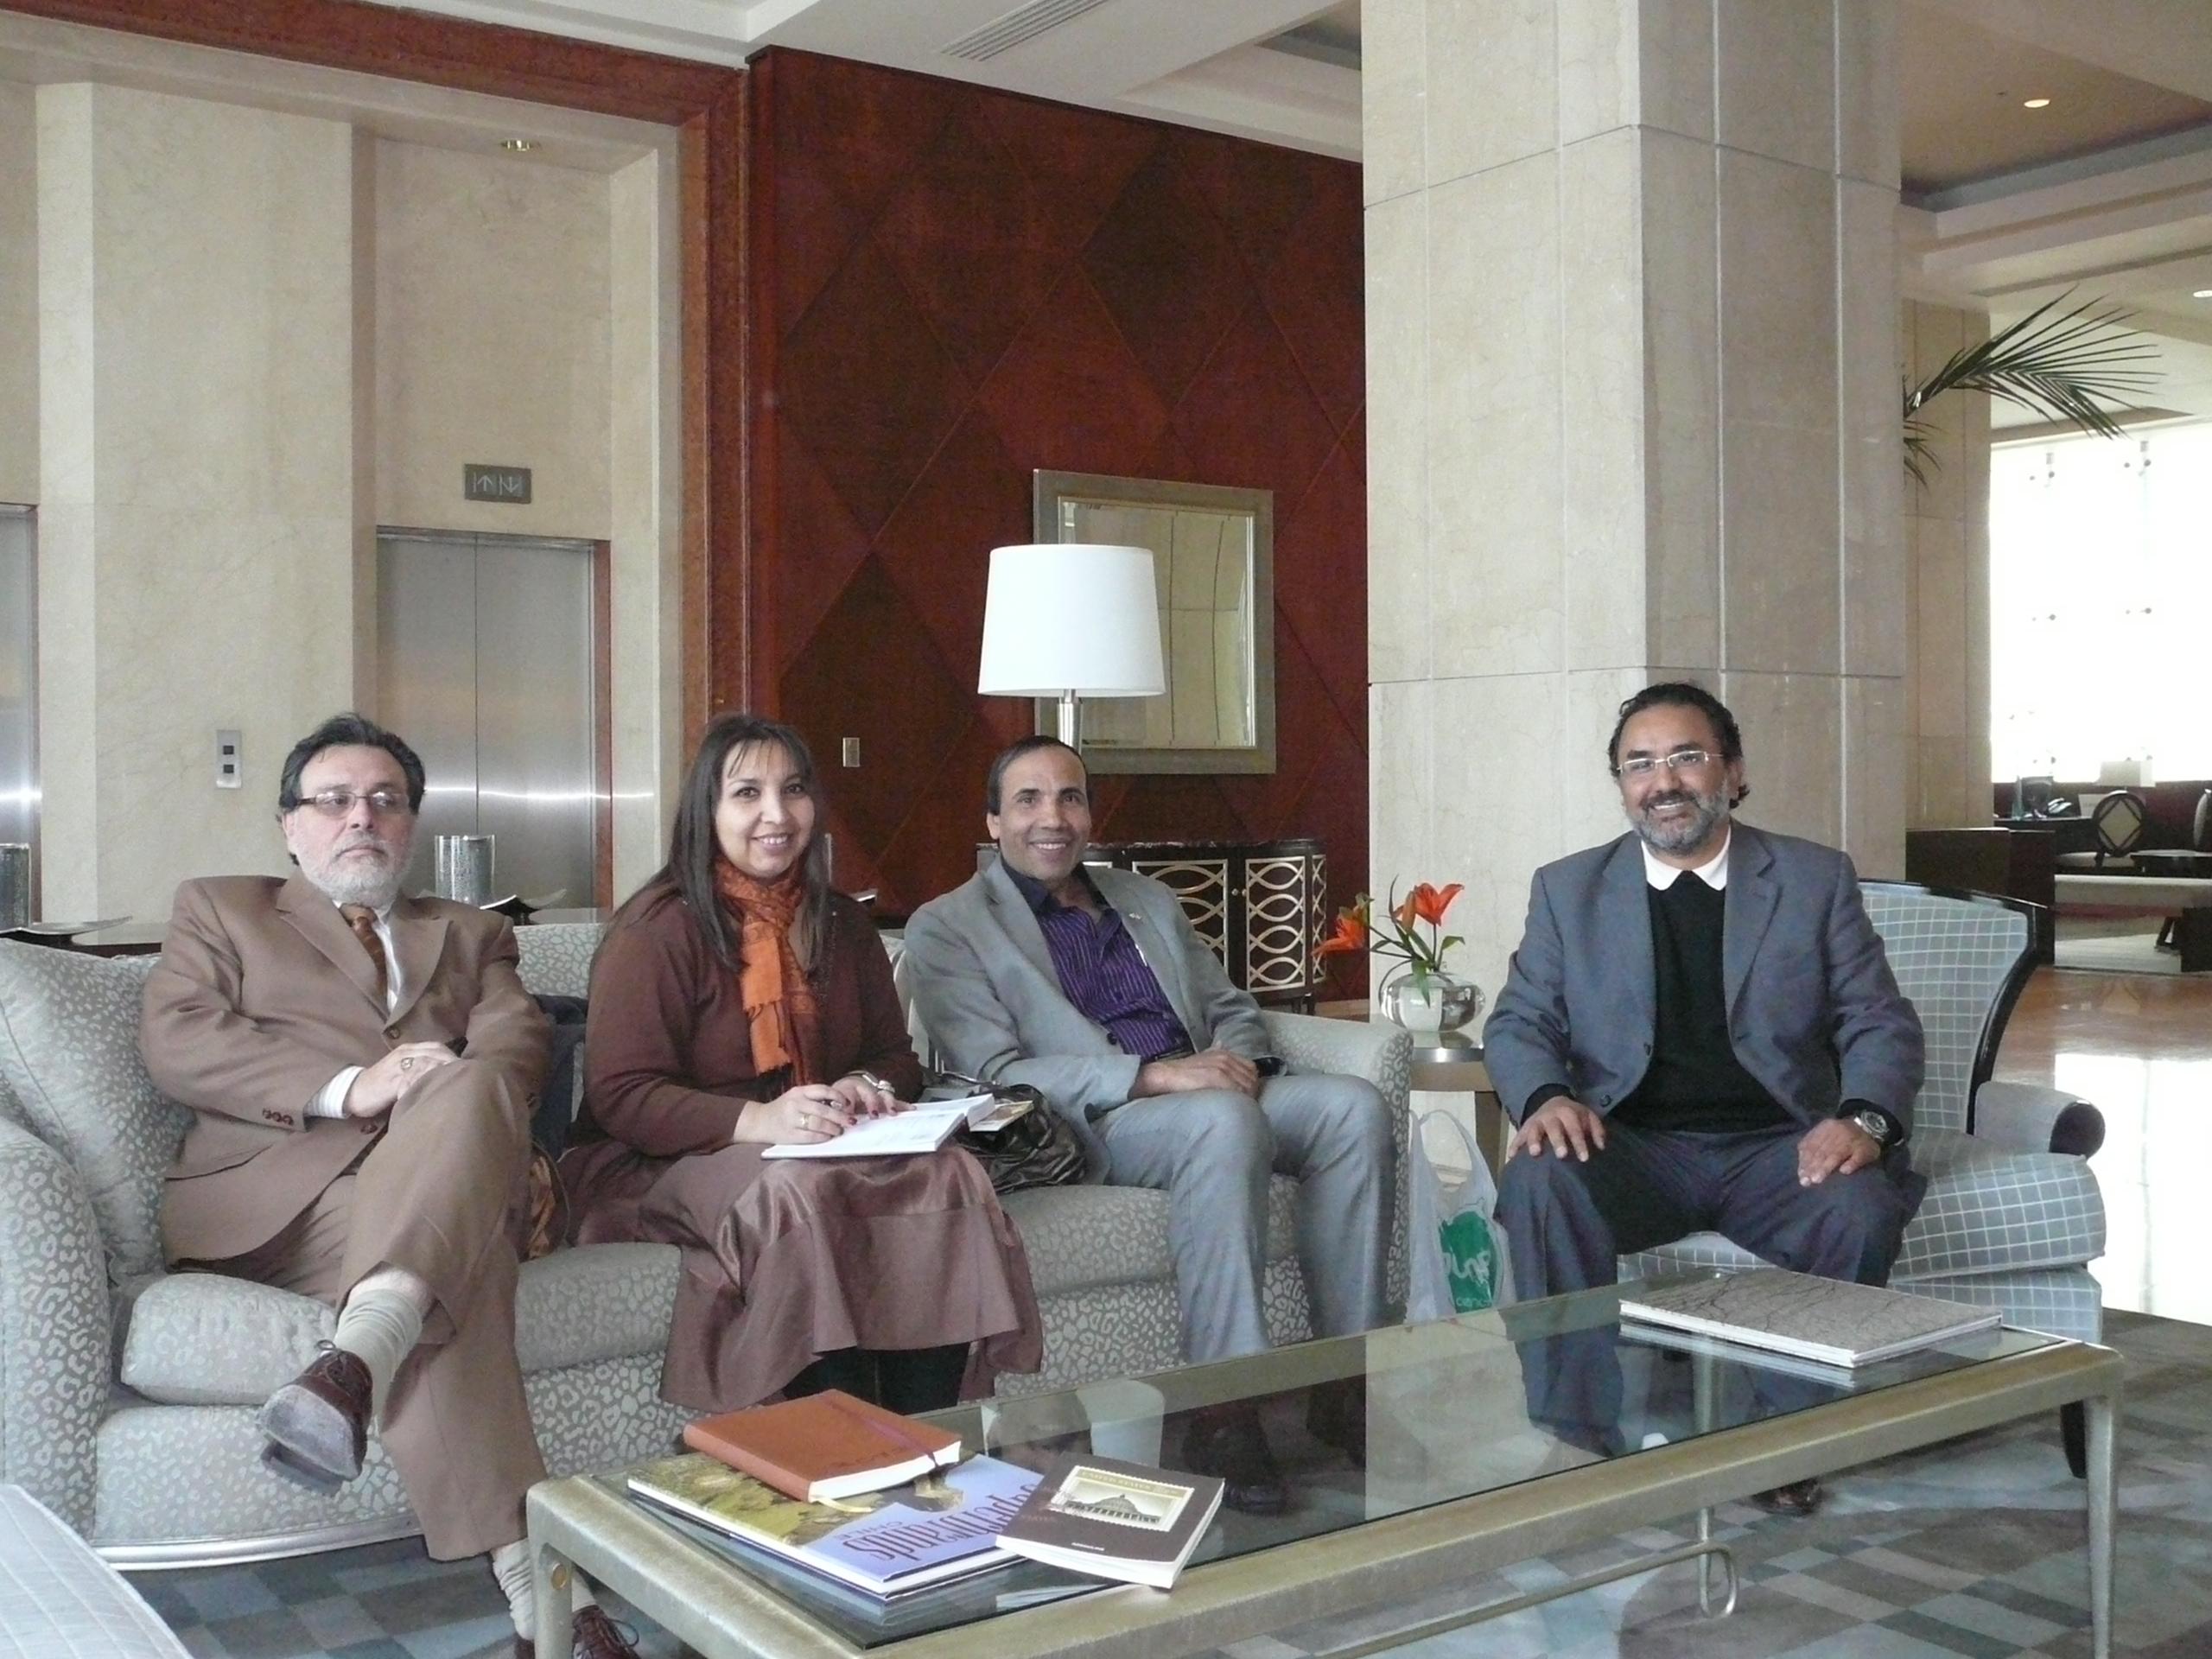 Reunion con el encargado de la embajada de Kuwait en Chile, preparacion de la HalalExpoChile 2012